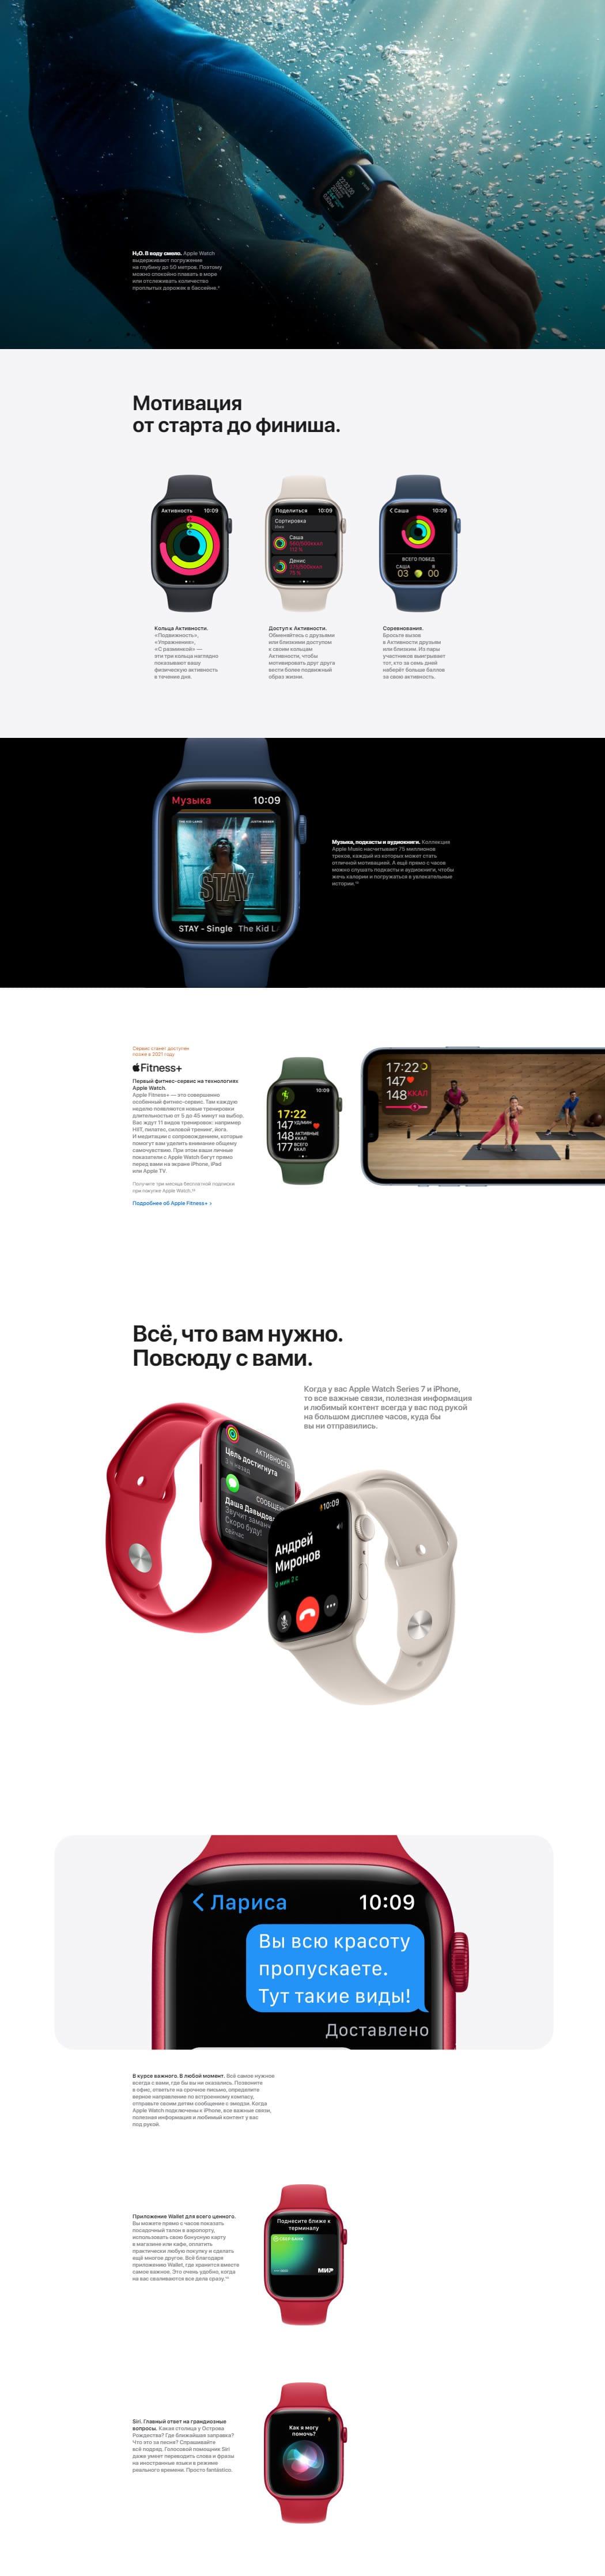 Apple Watch S7 с доставкаой